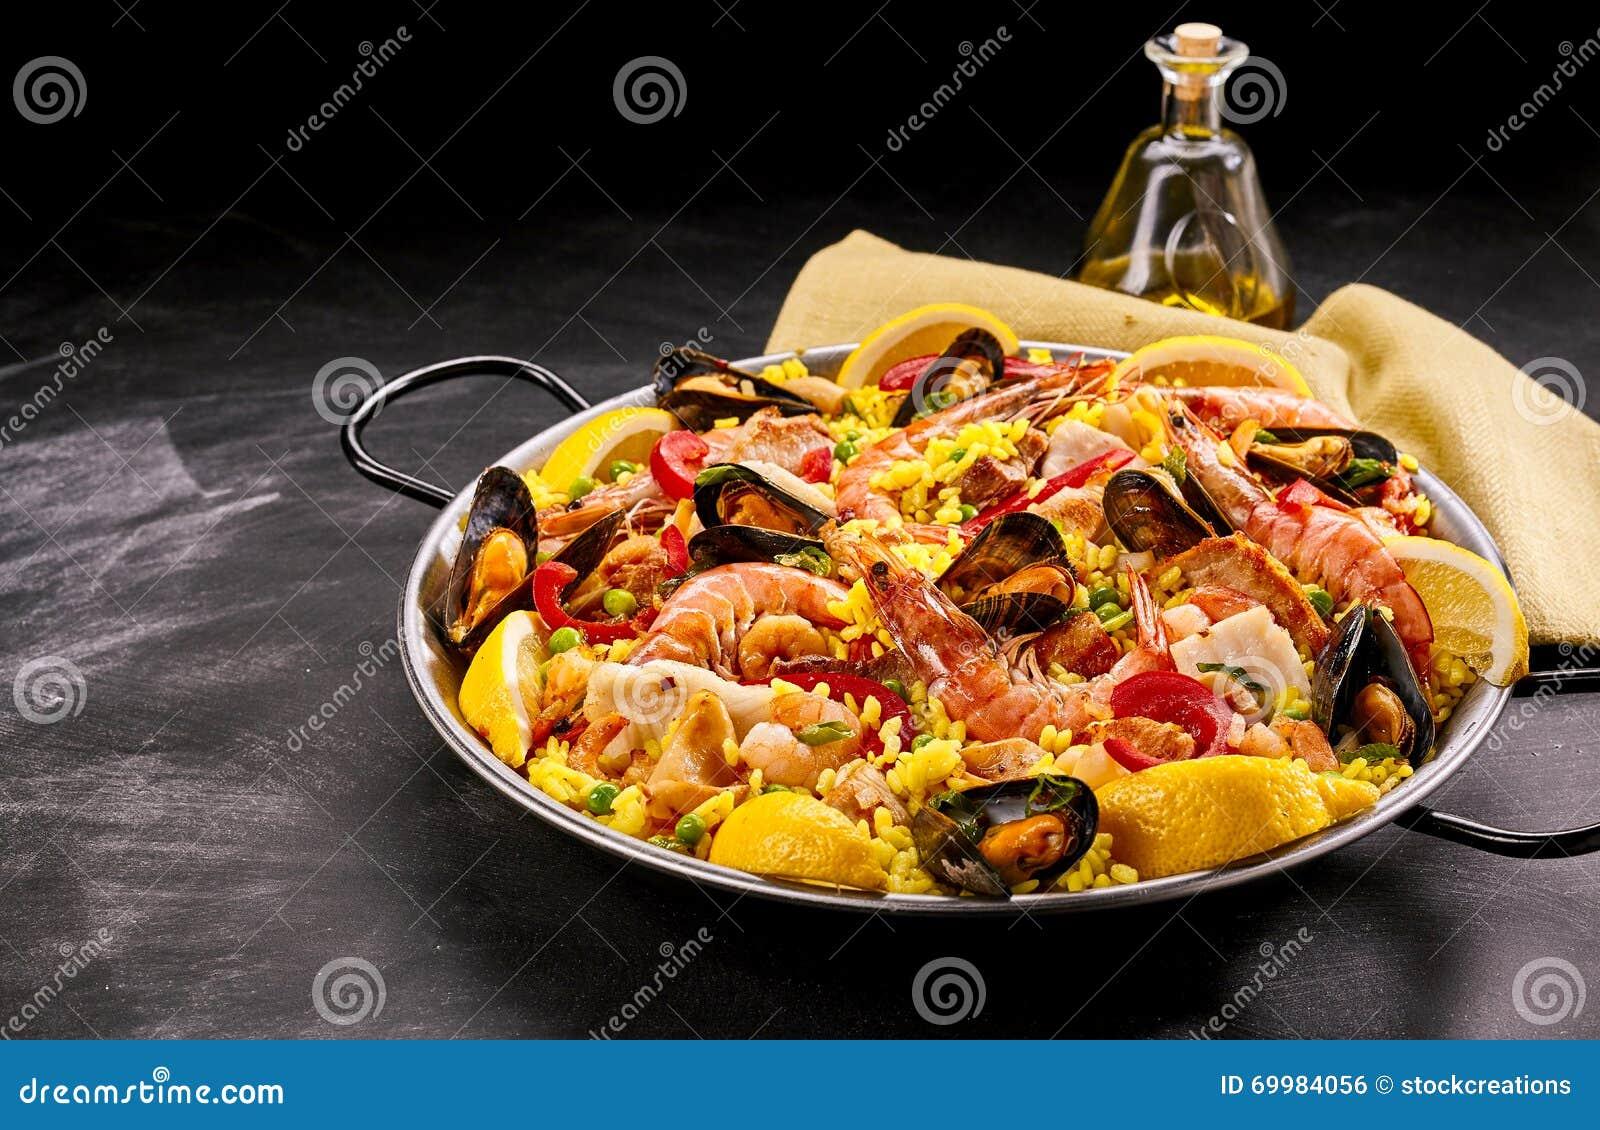 Bunter spanischer Meeresfrüchte-Paella-Teller mit Öl